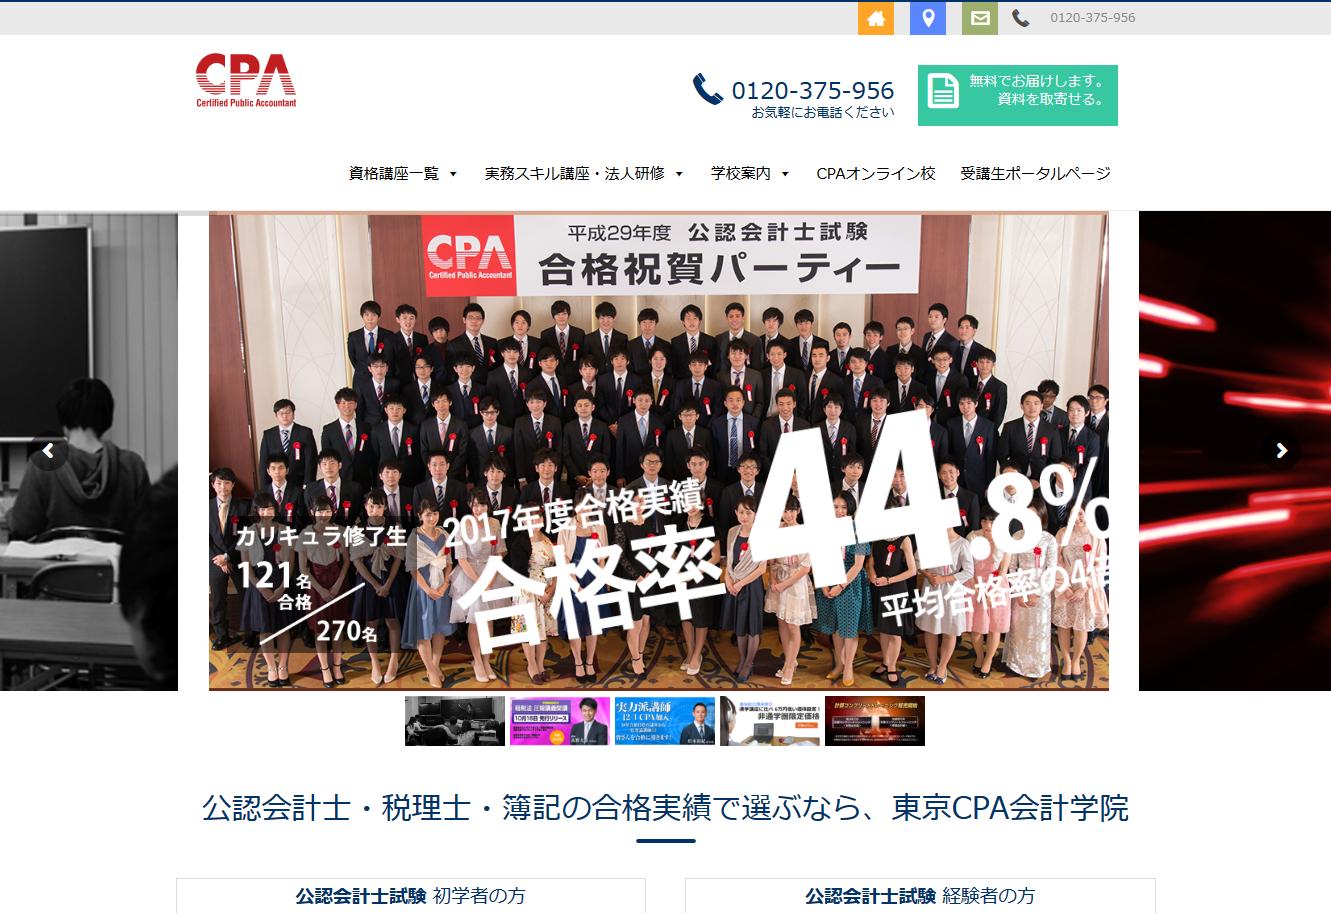 公認会計士の専門学校・予備校CPAで公認会計士試験に合格!実績・合格率で選ぶなら東京CPA会計学院